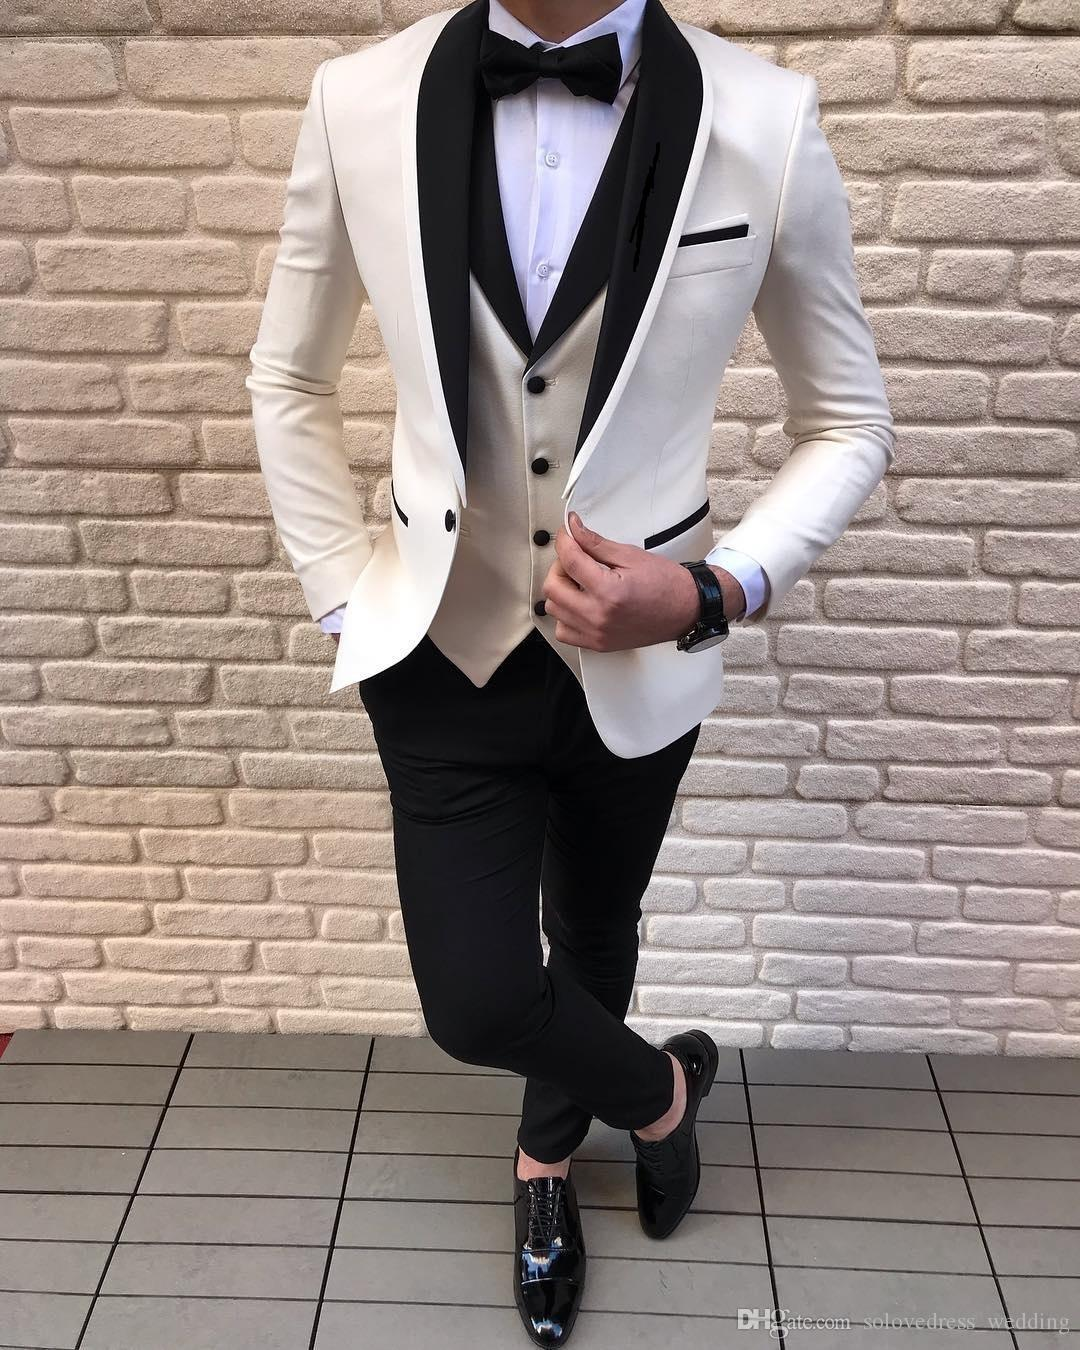 Solovedress Handsome Formal Wedding Men Suits Slim Fit Shawl Lapel Blazer 3 Pieces Best Man Suit Fashion Groomsmen Suits Jacket Pant Vest